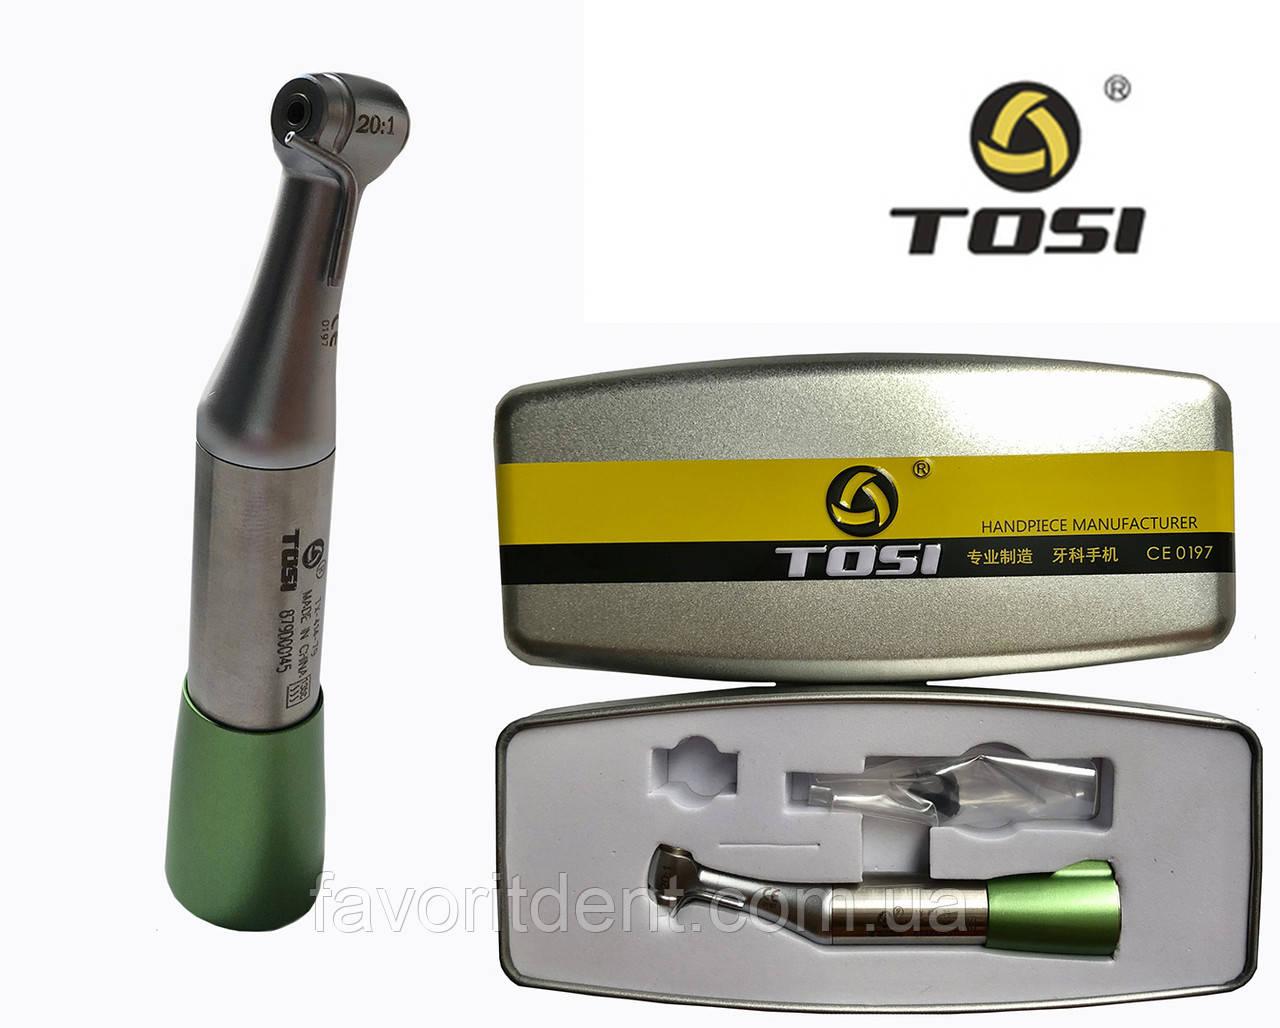 Хирургический понижающий наконечник для имплантации TOSI TX-414 79 (D)